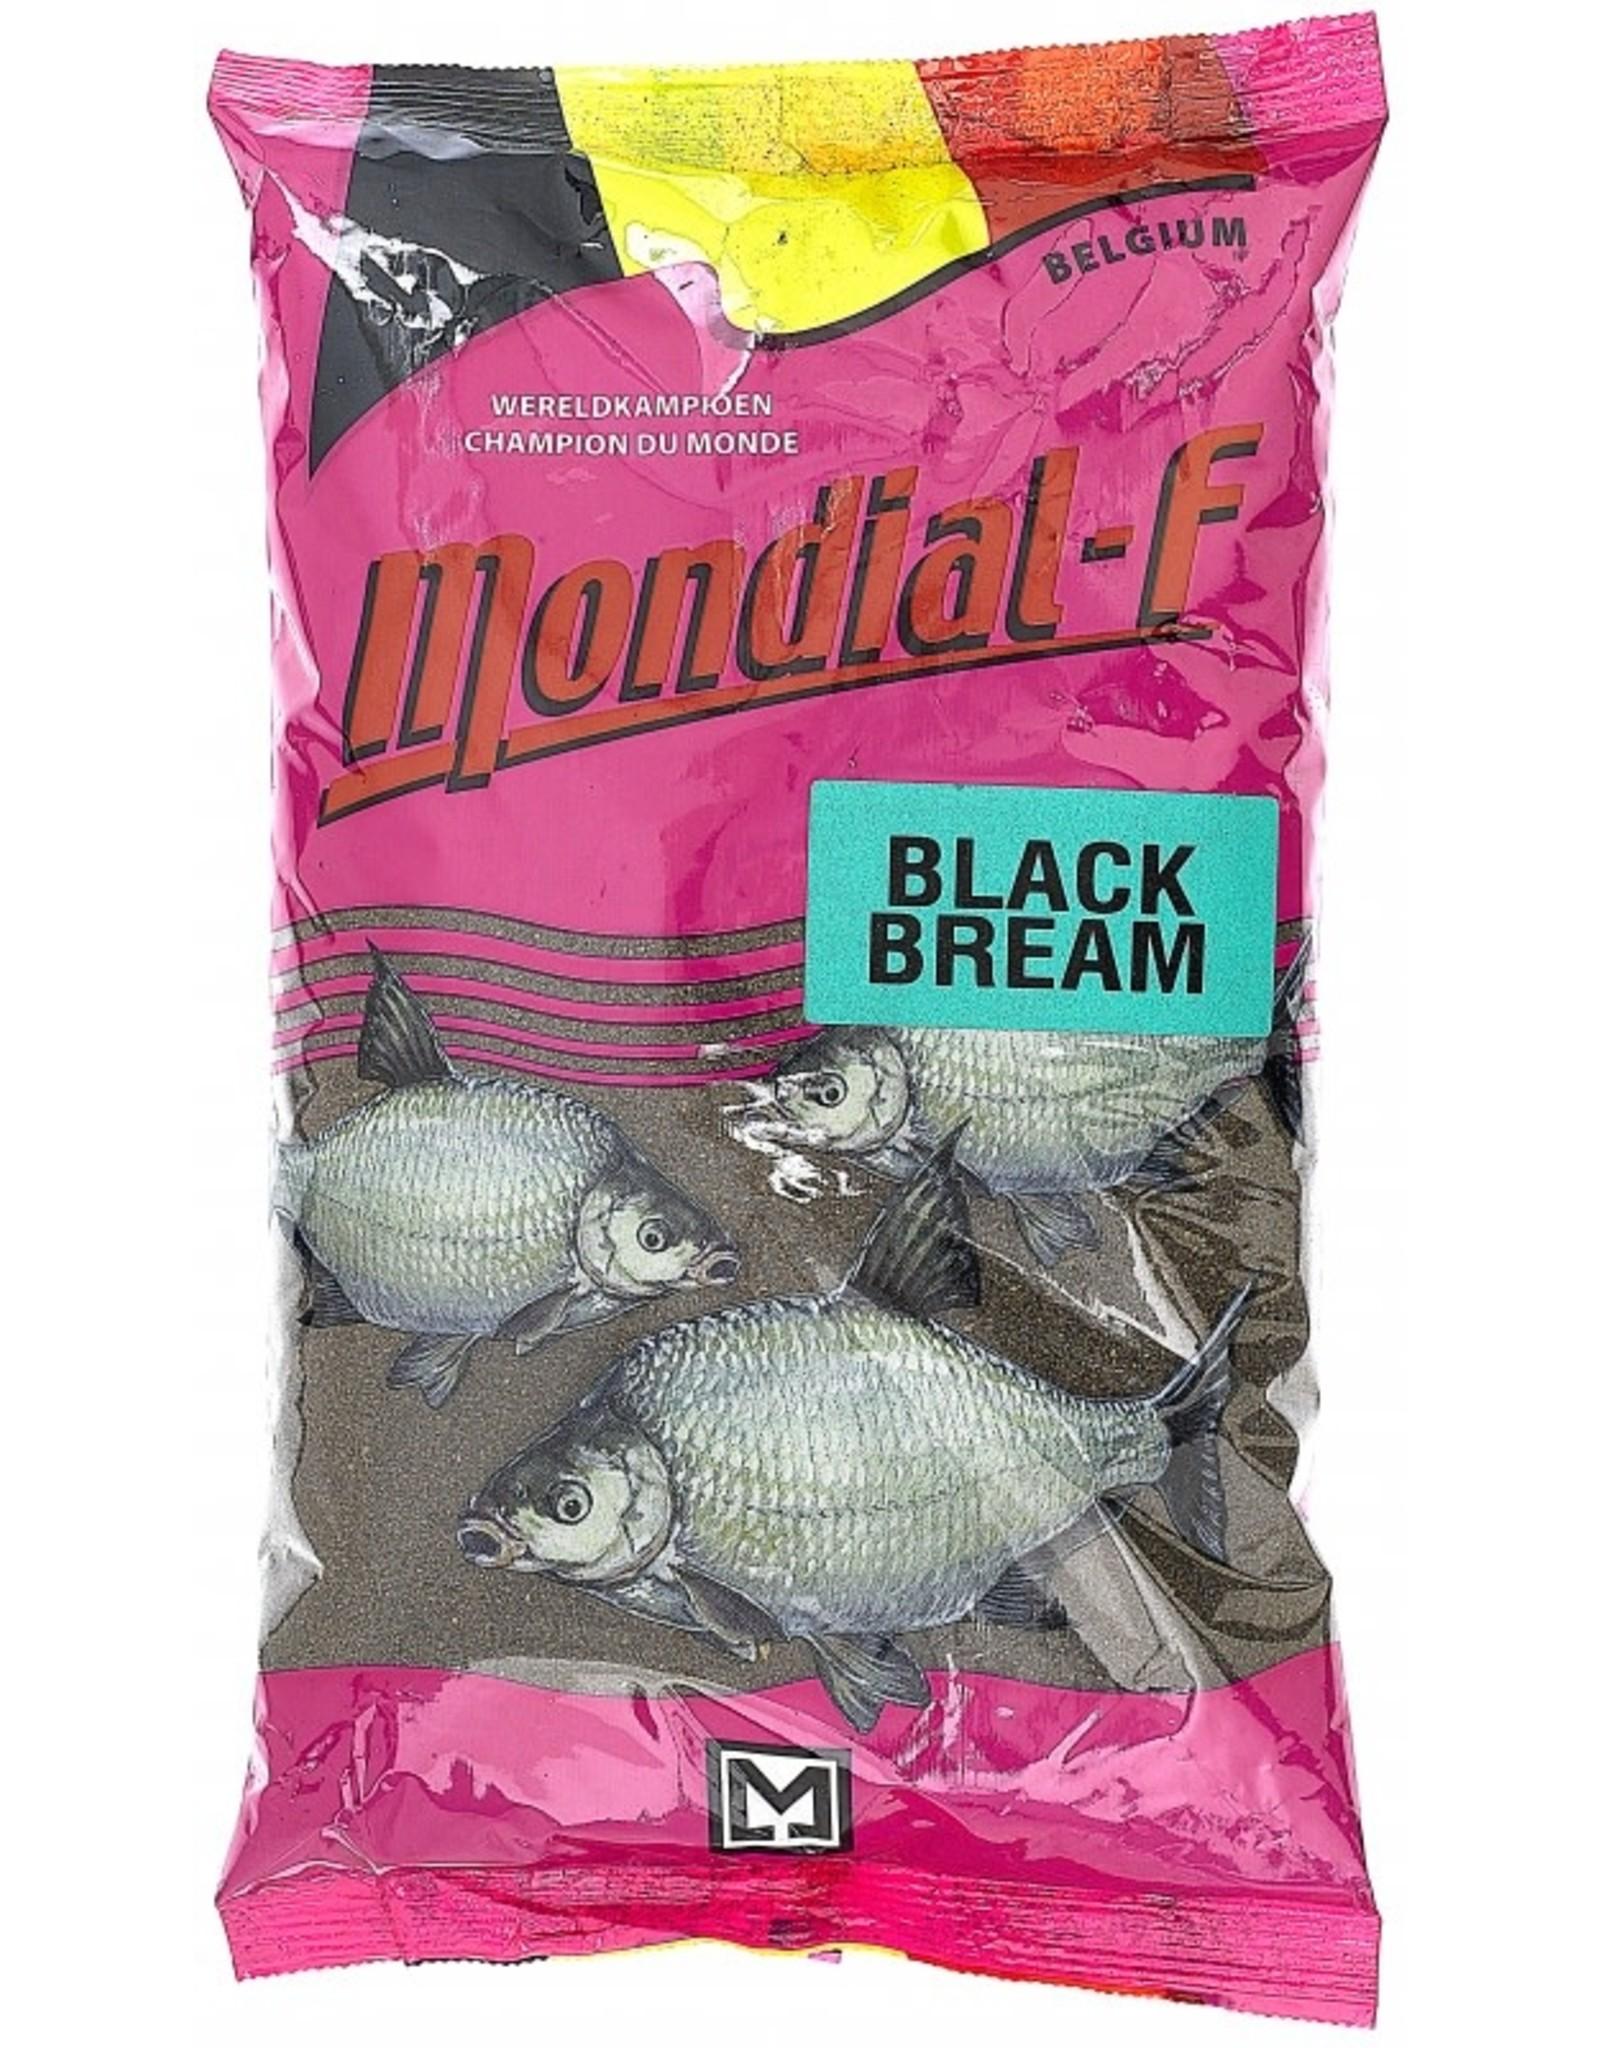 MONDIAL-F BLACK BREAM 1KG